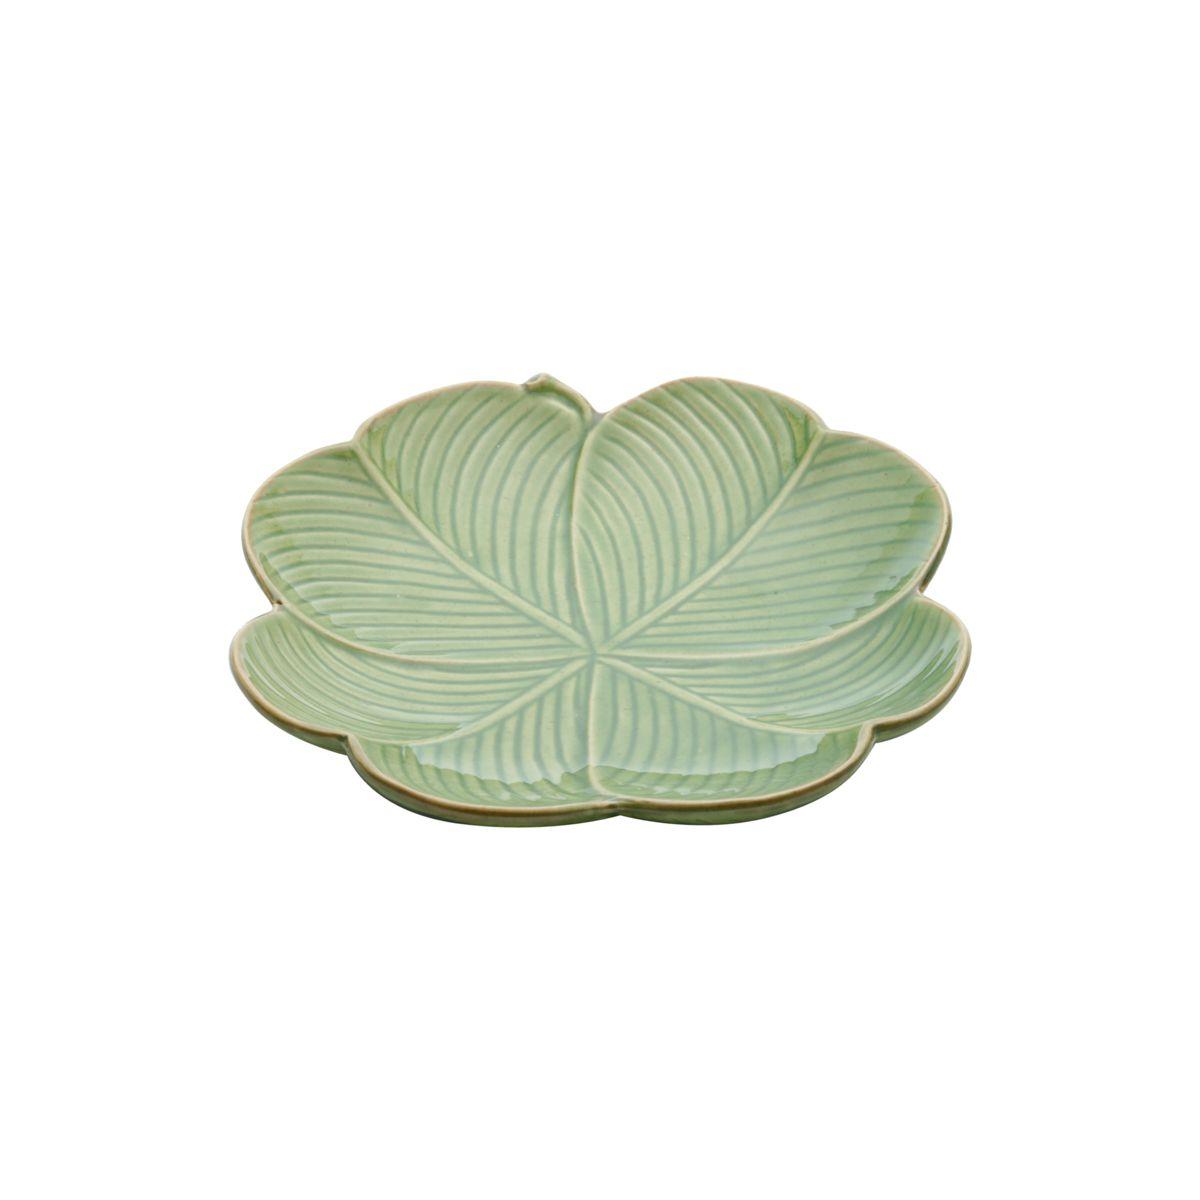 Prato decorativo 16 cm de cerâmica verde Banana Leaf Lyor - L4137